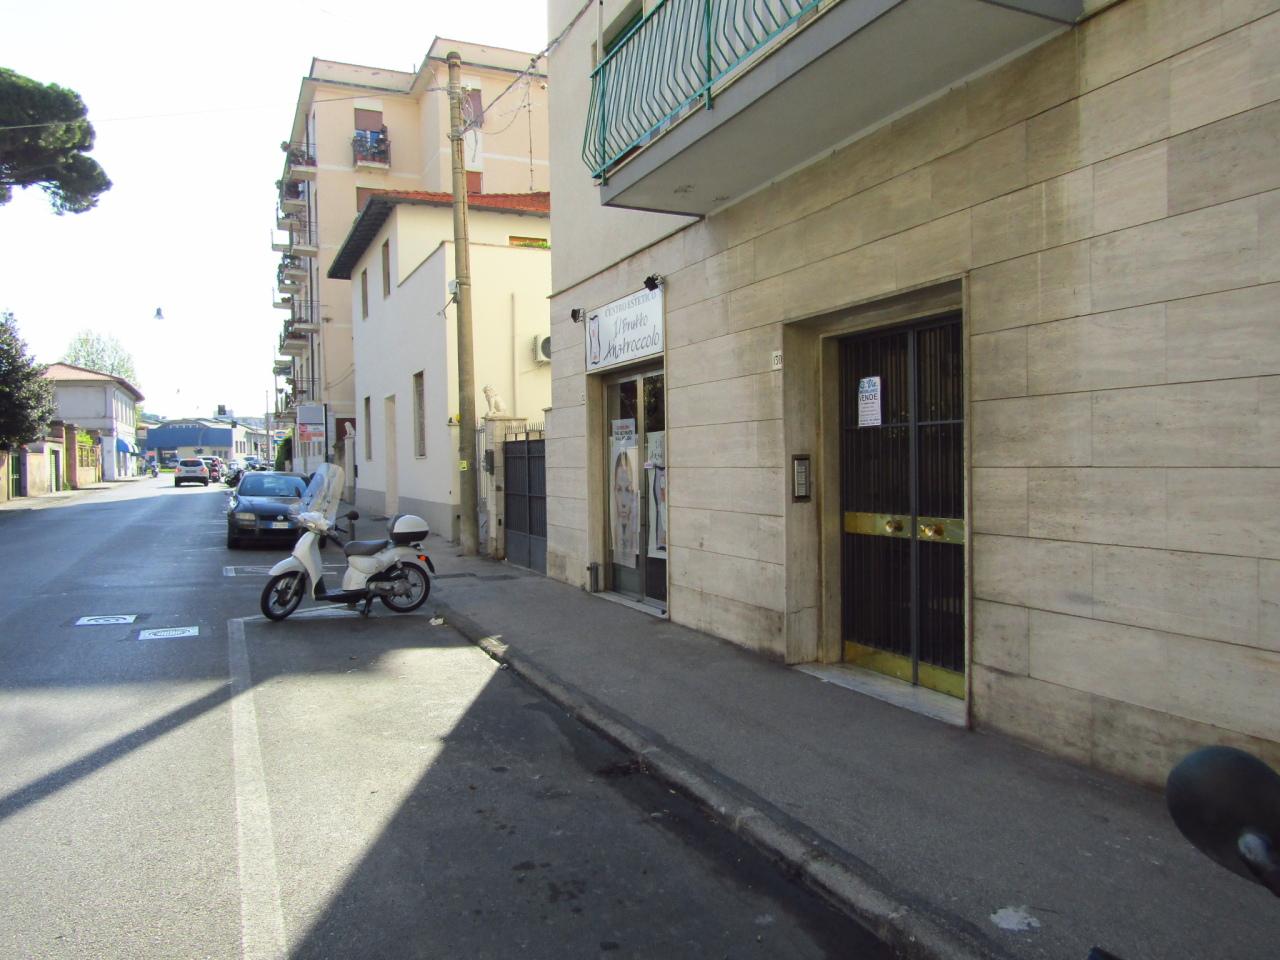 Capannone in vendita a Livorno, 3 locali, prezzo € 43.000 | Cambio Casa.it